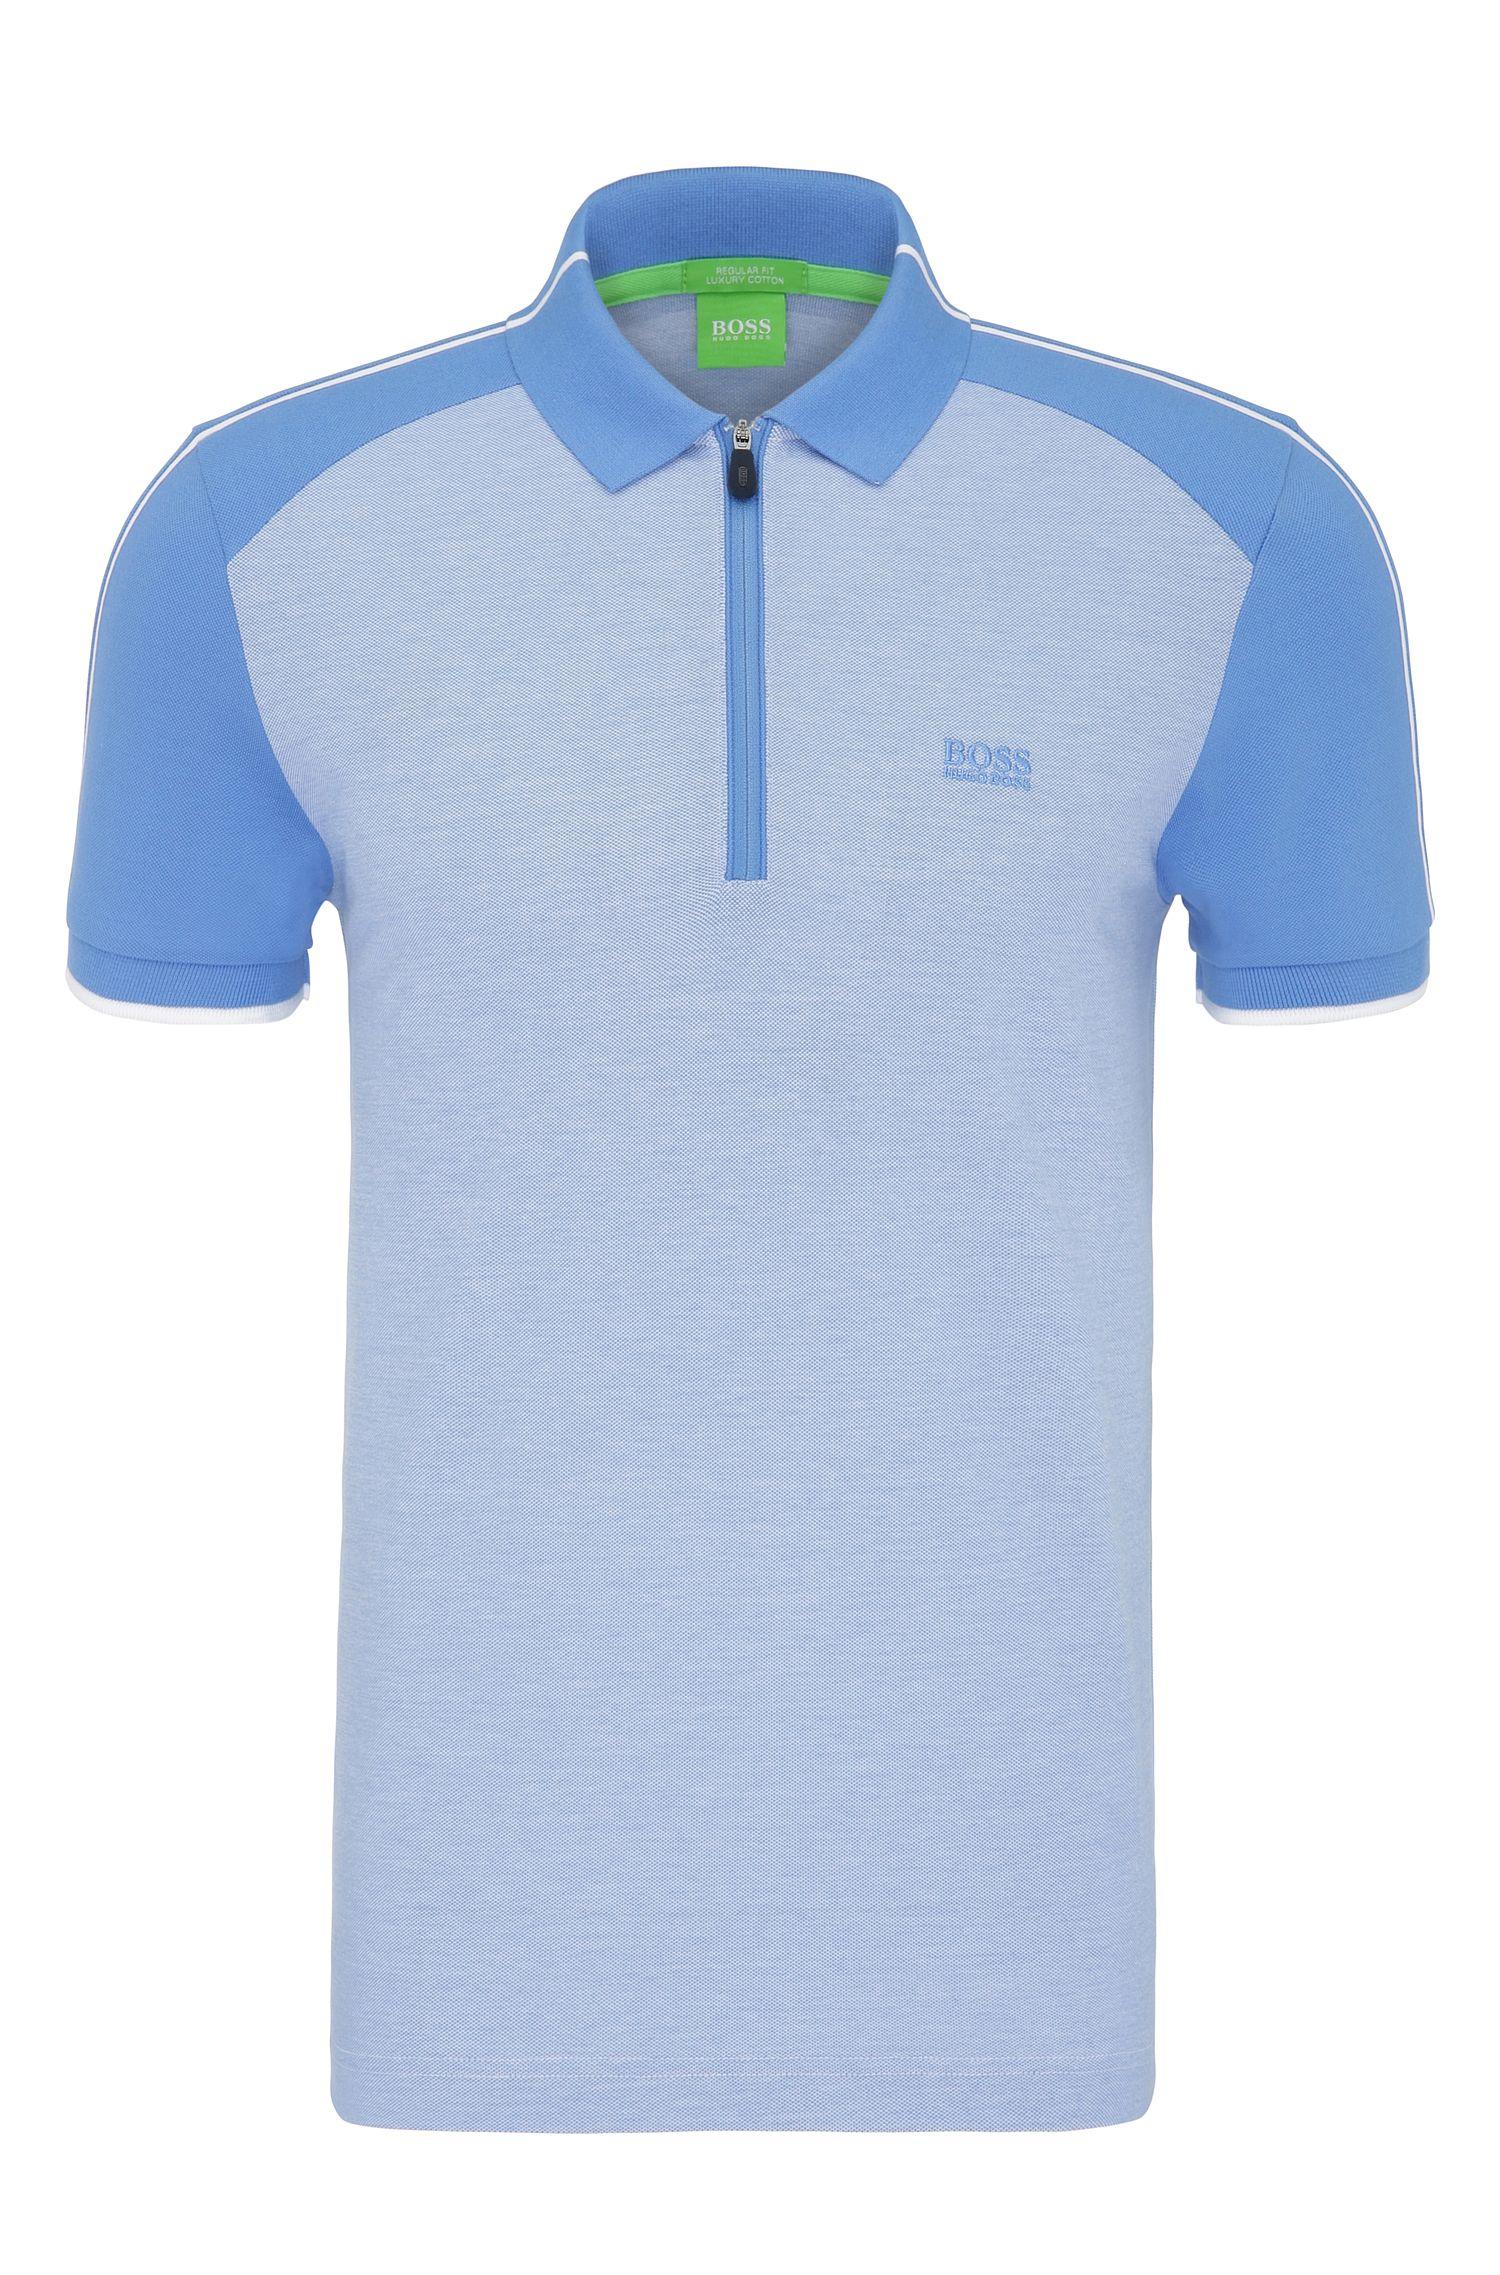 Cotton Polo Shirt, Slim Fit | Philix